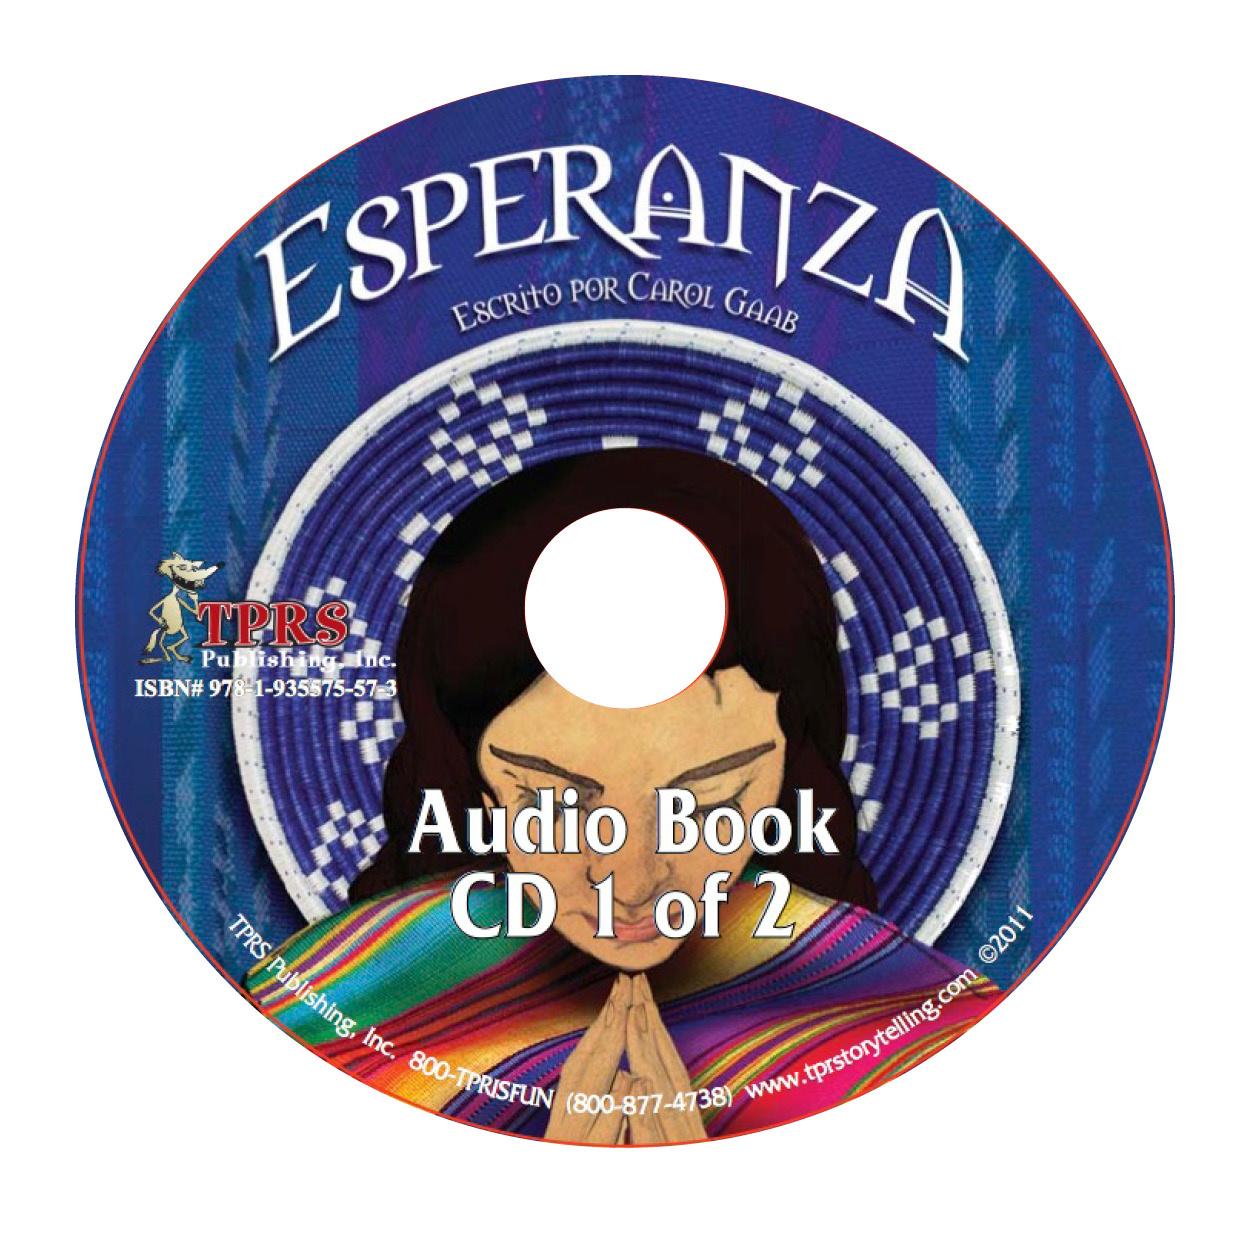 Esperanza - Audiobook